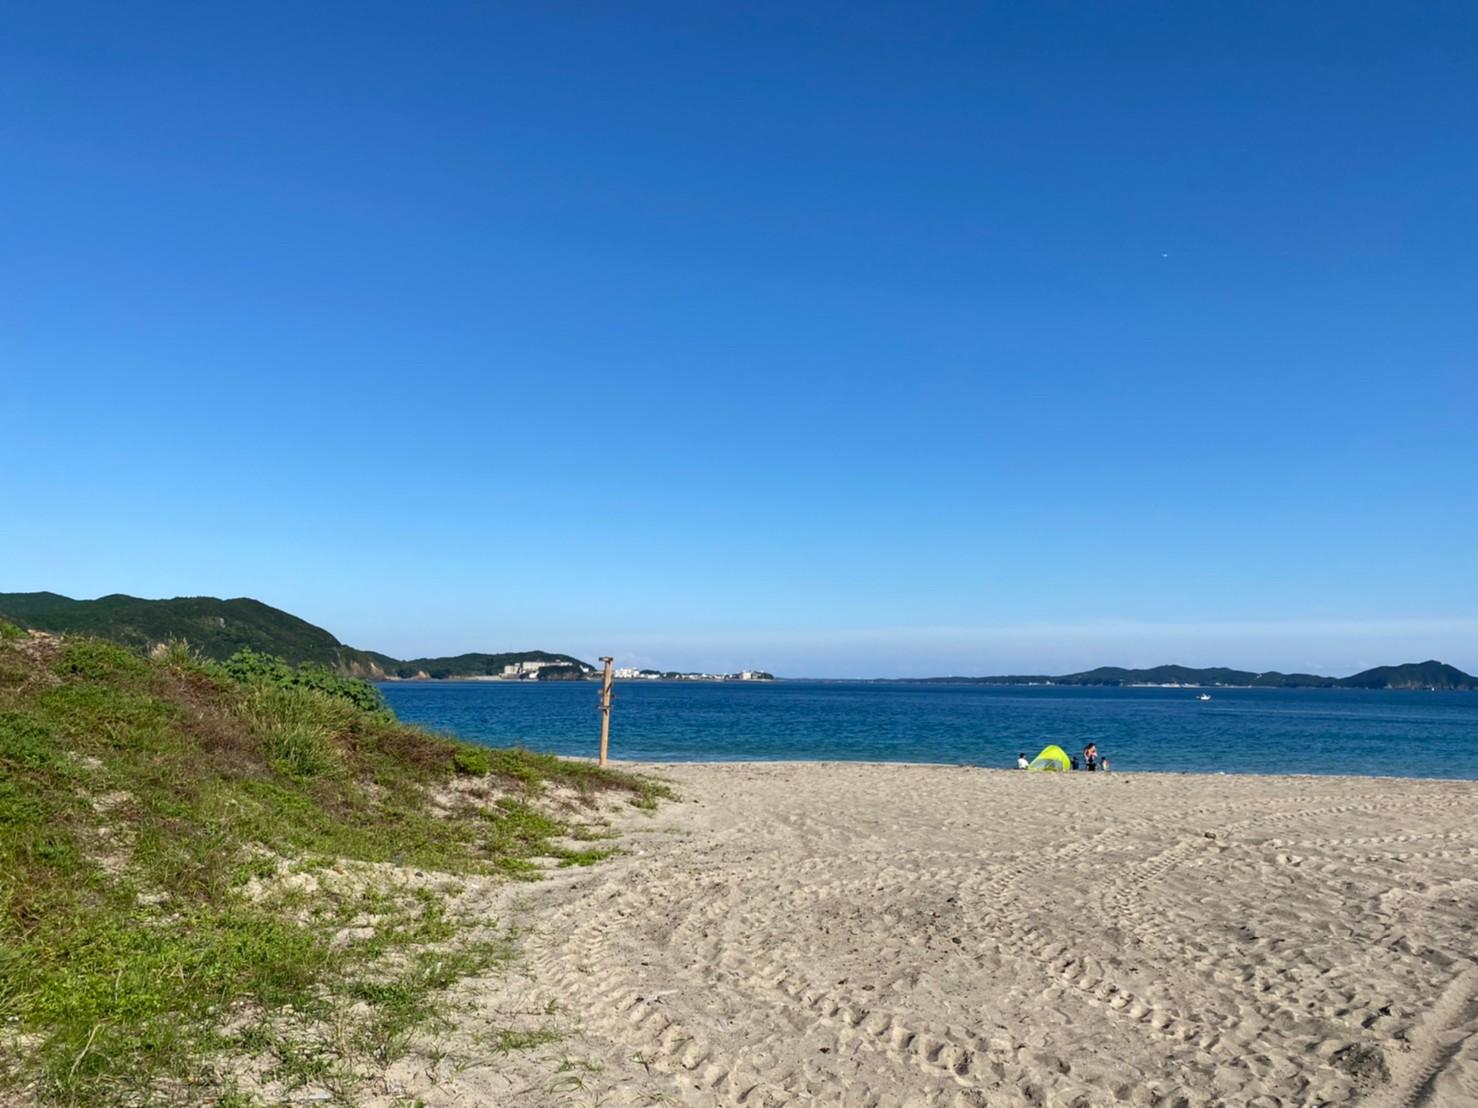 【三重県志摩市】『南張海水浴場』の海釣りガイド(釣れる魚・駐車場・トイレ)